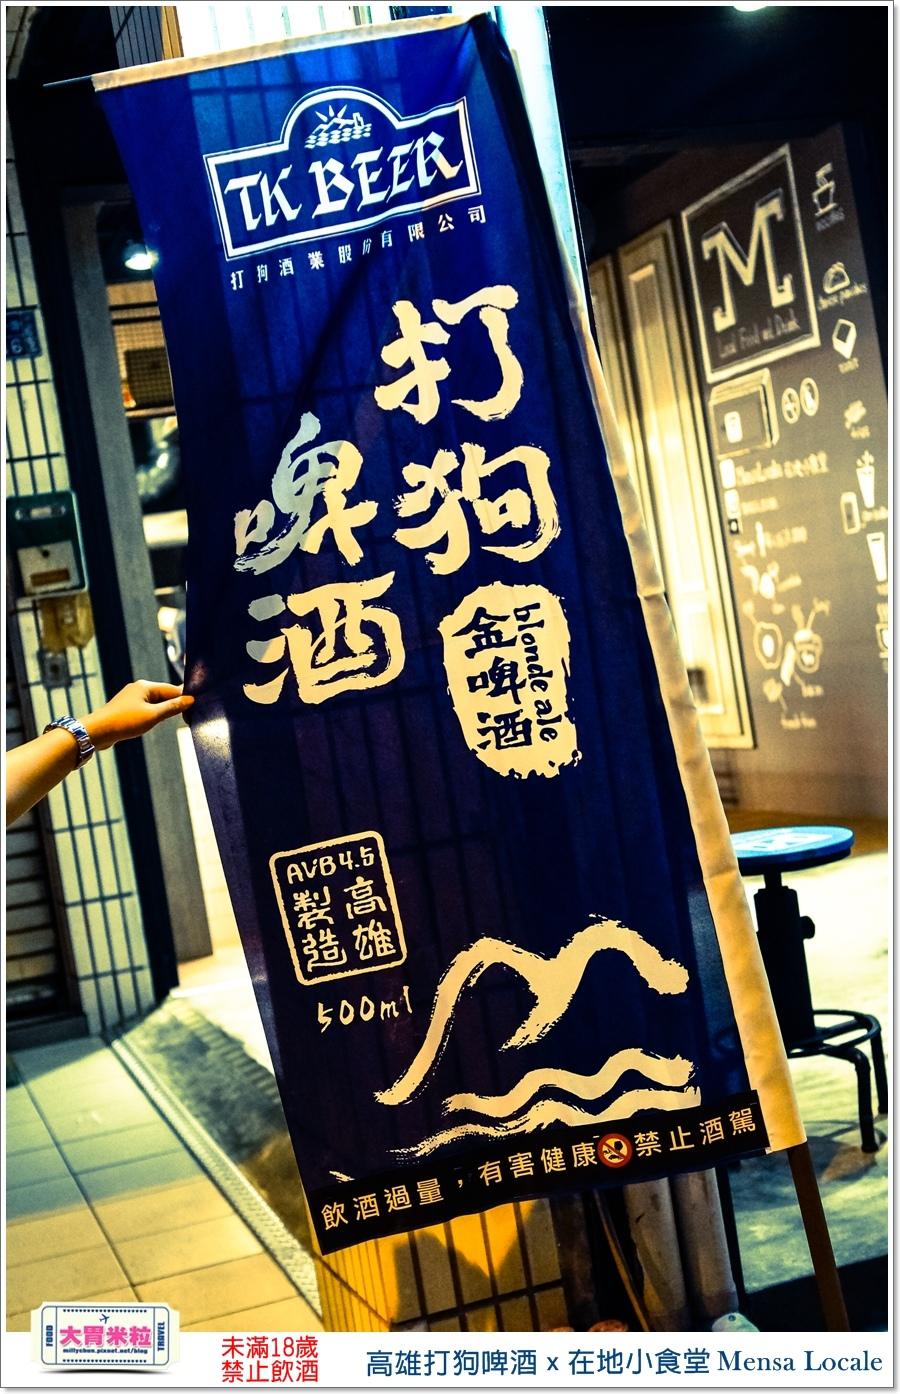 高雄打狗啤酒x在地小食堂Mensa Locale@大胃米粒00107.jpg